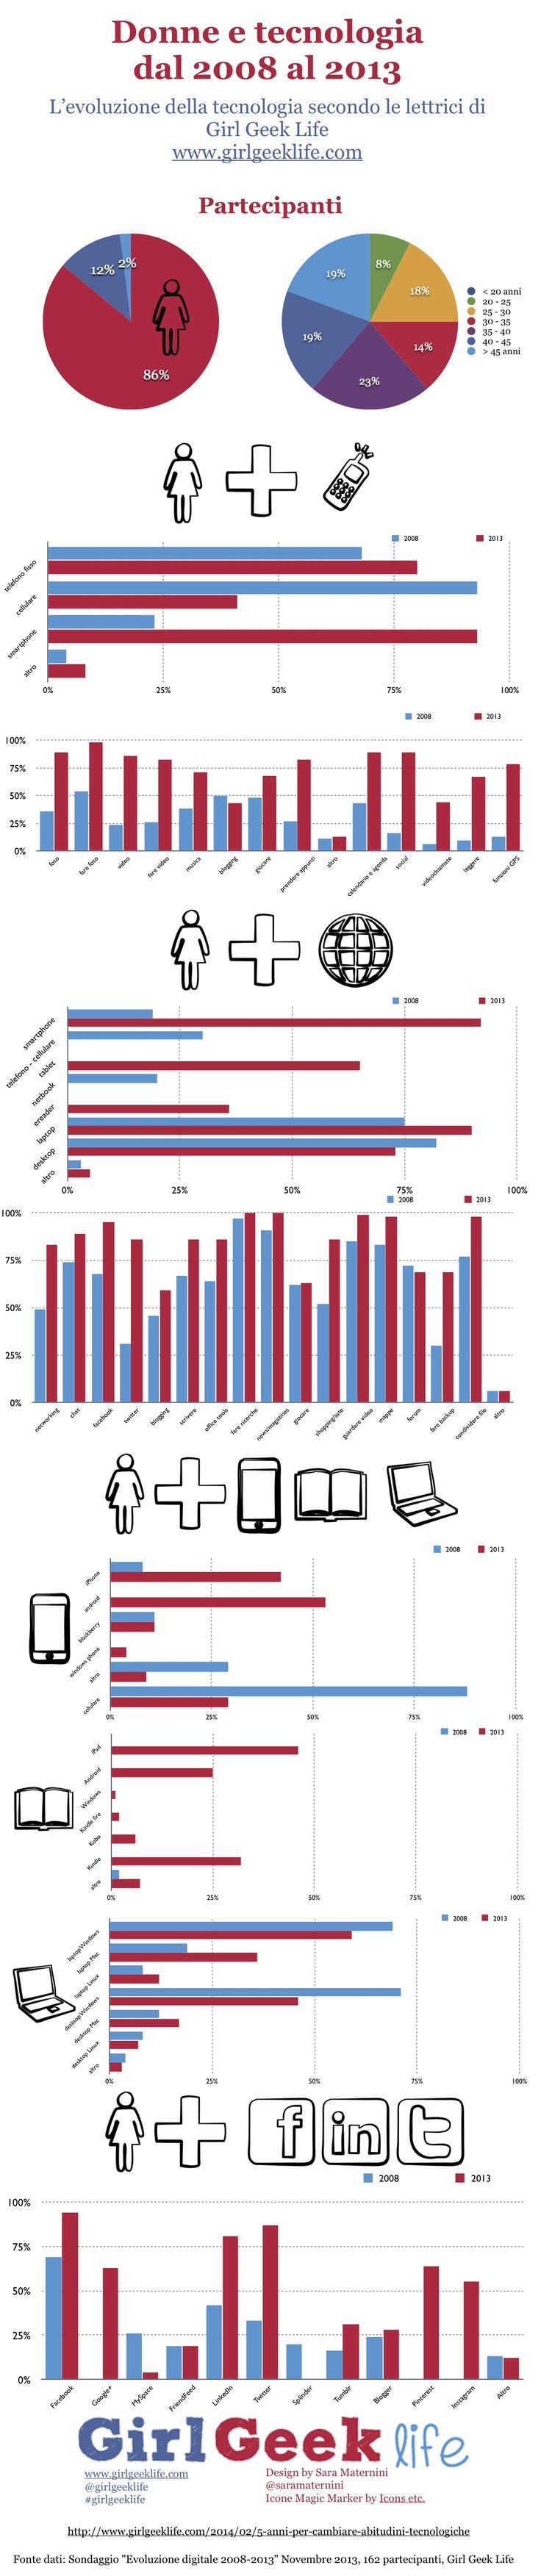 5 anni per cambiare abitudini tecnologiche http://www.girlgeeklife.com/2014/02/5-anni-per-cambiare-abitudini-tecnologiche/